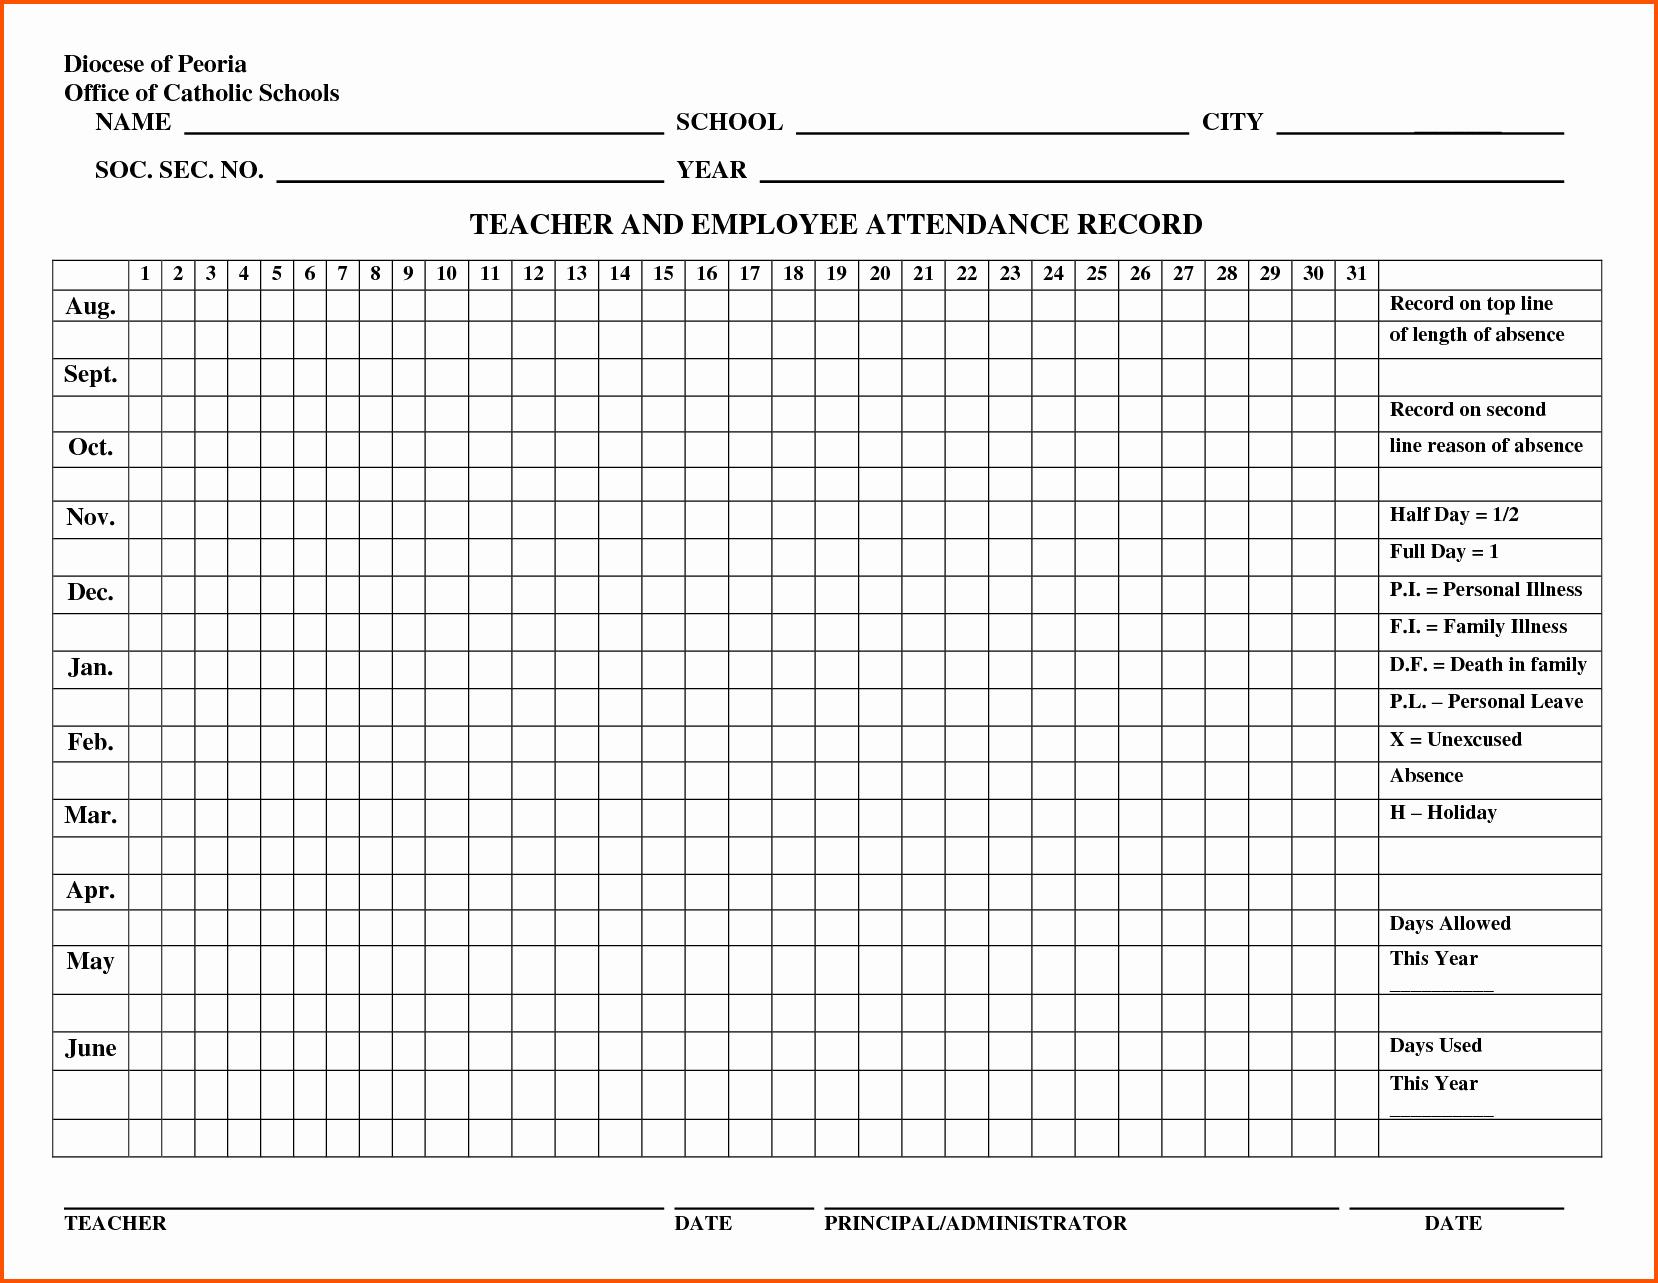 Employee attendance Record Template Beautiful Employee attendance Record Template